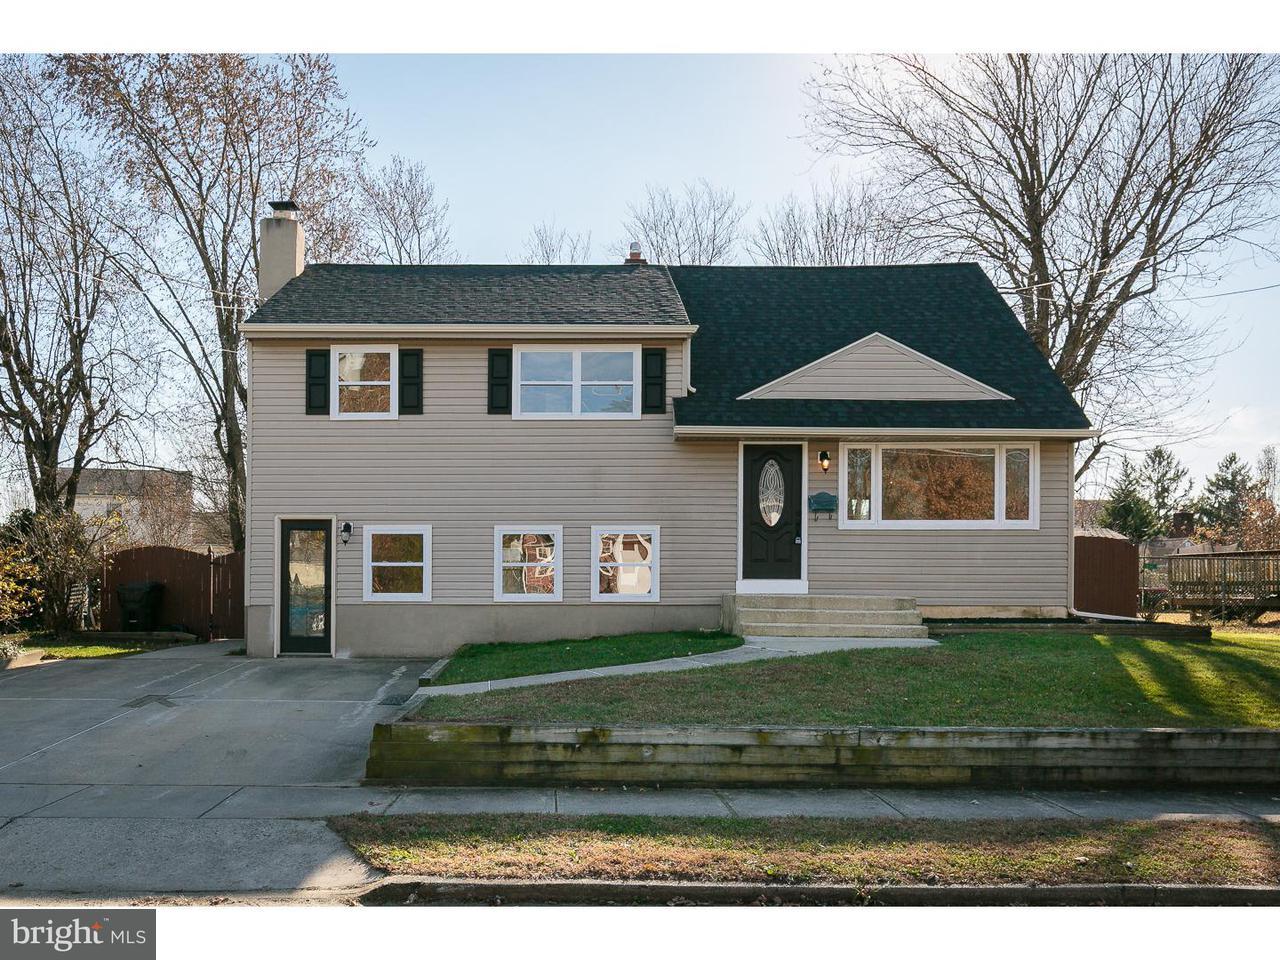 Einfamilienhaus für Verkauf beim 21 RONDON Avenue Berlin Boro, New Jersey 08009 Vereinigte Staaten